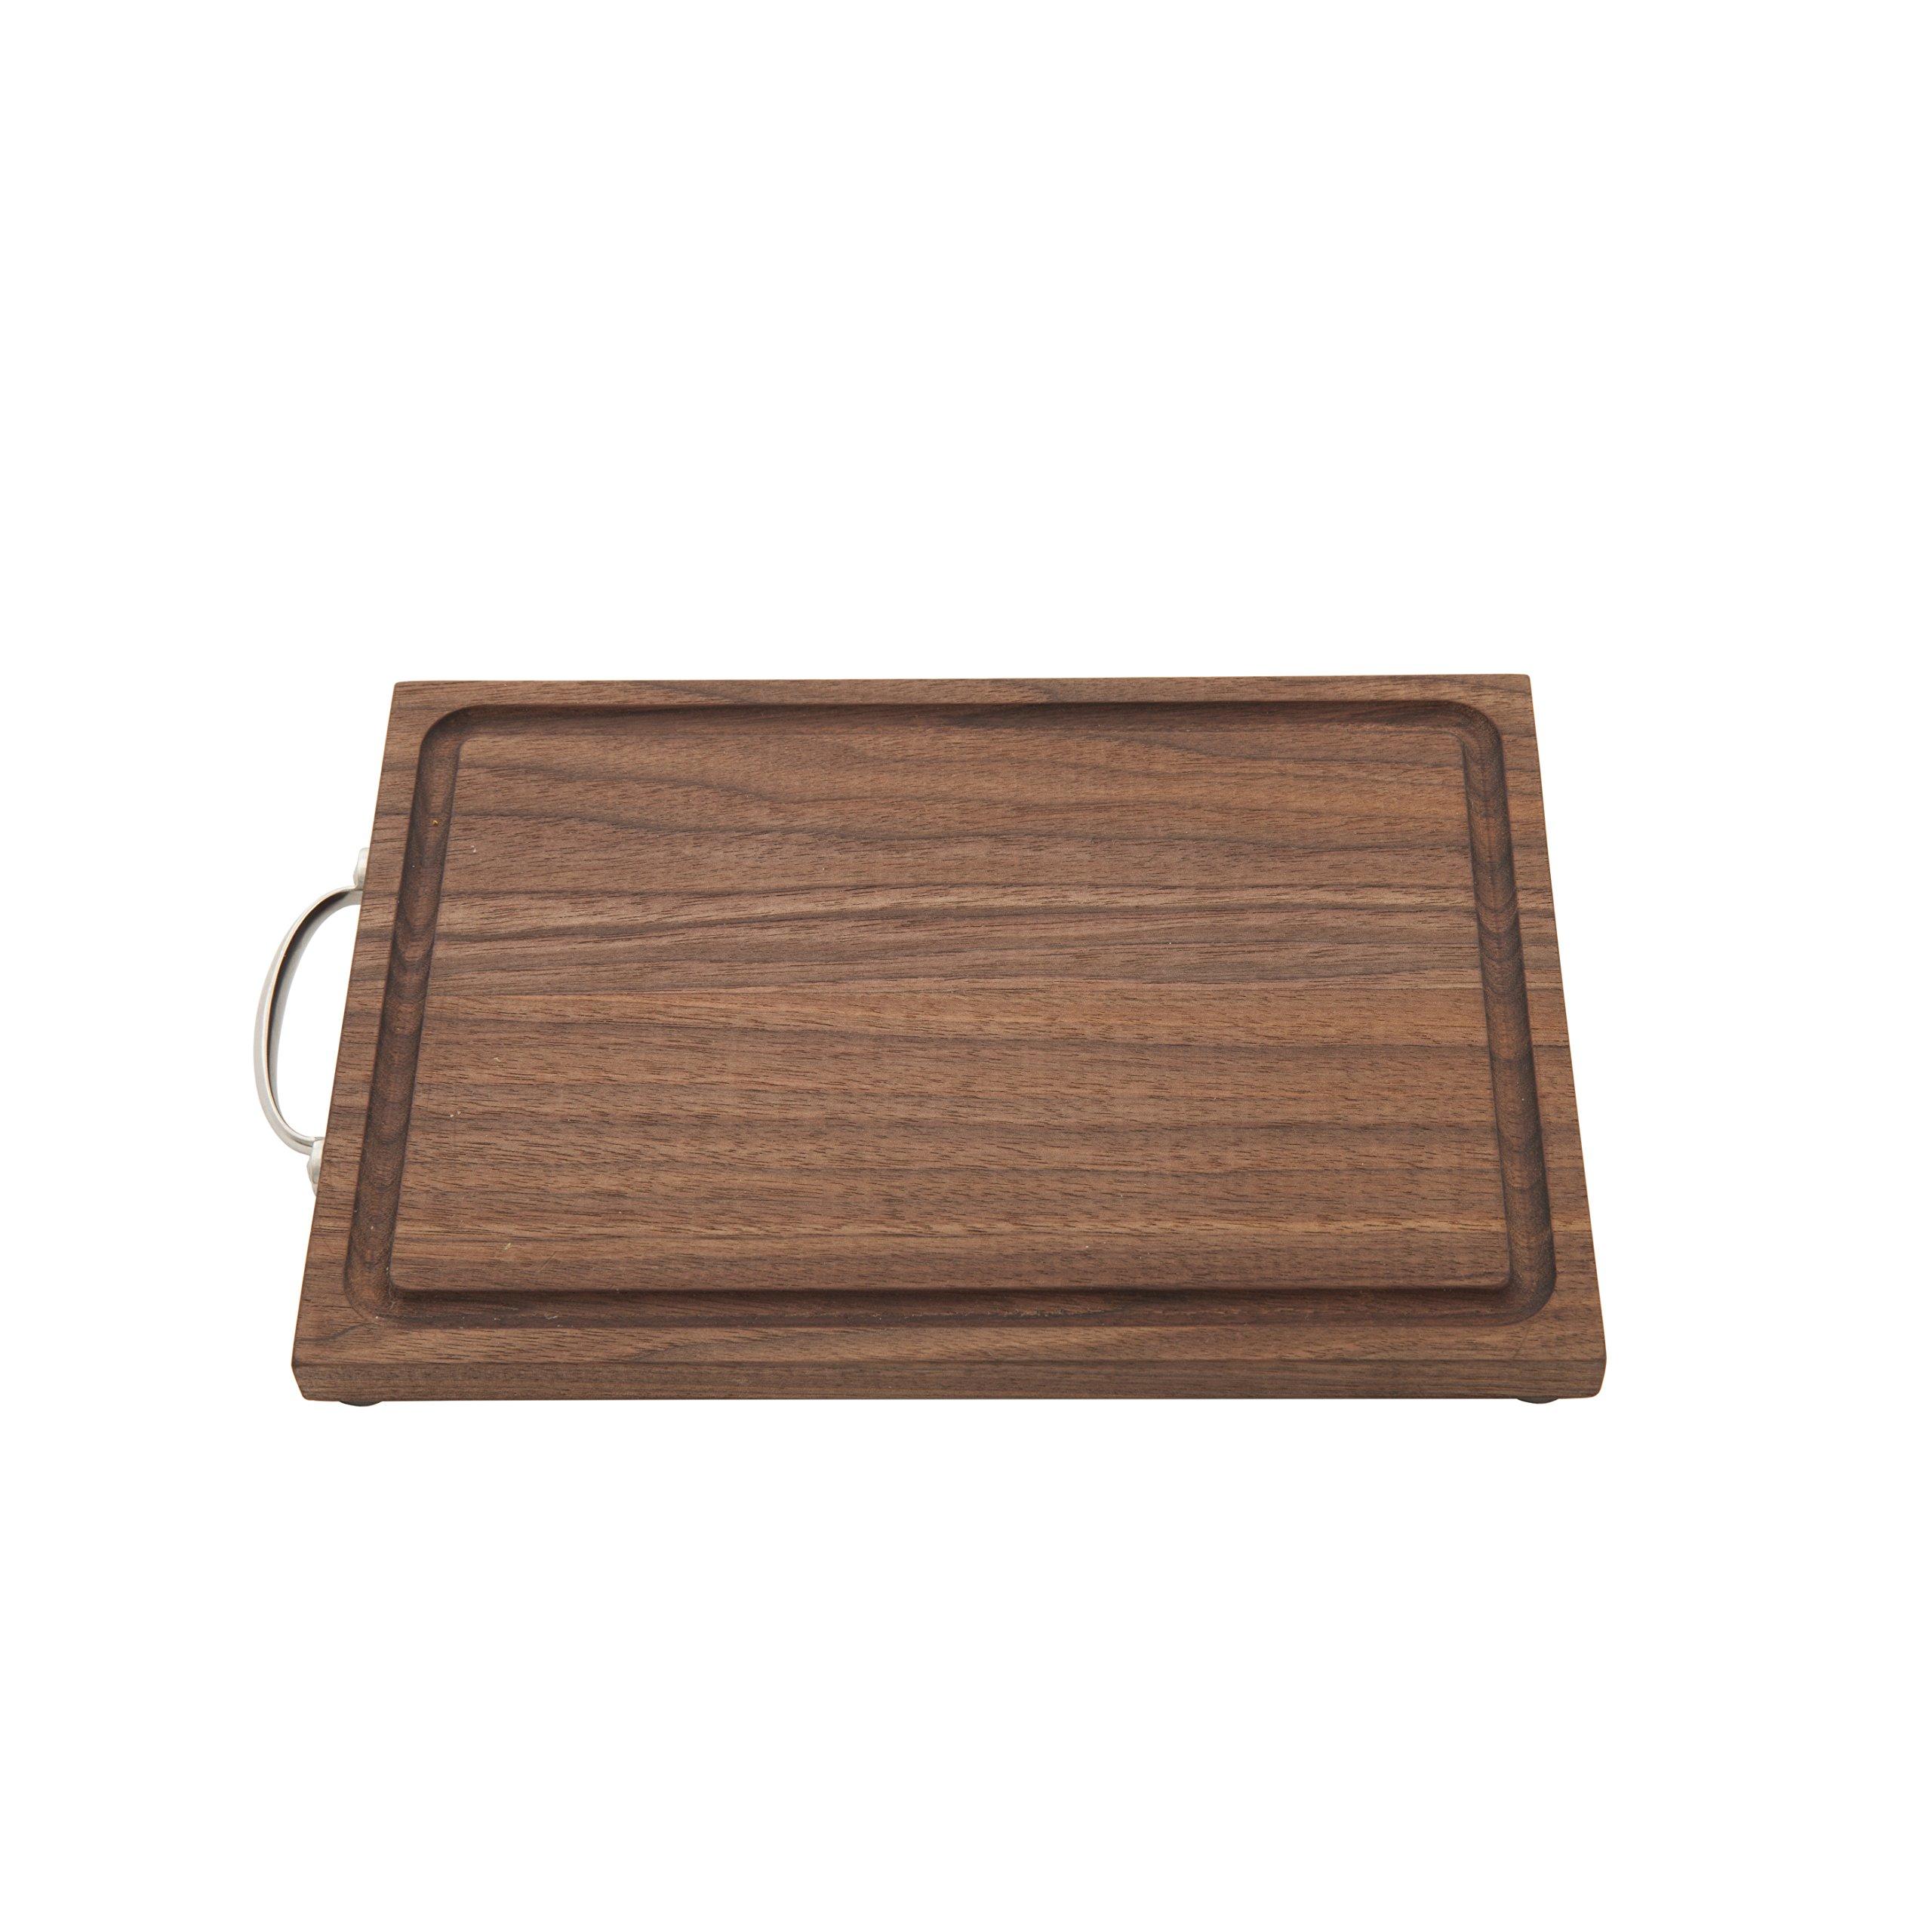 Crafthouse by Fortessa Professional Barware/Bar Tools by Charles Joly, 11'' x 7.25'' Black Walnut Wood Bar Board/Cutting Board